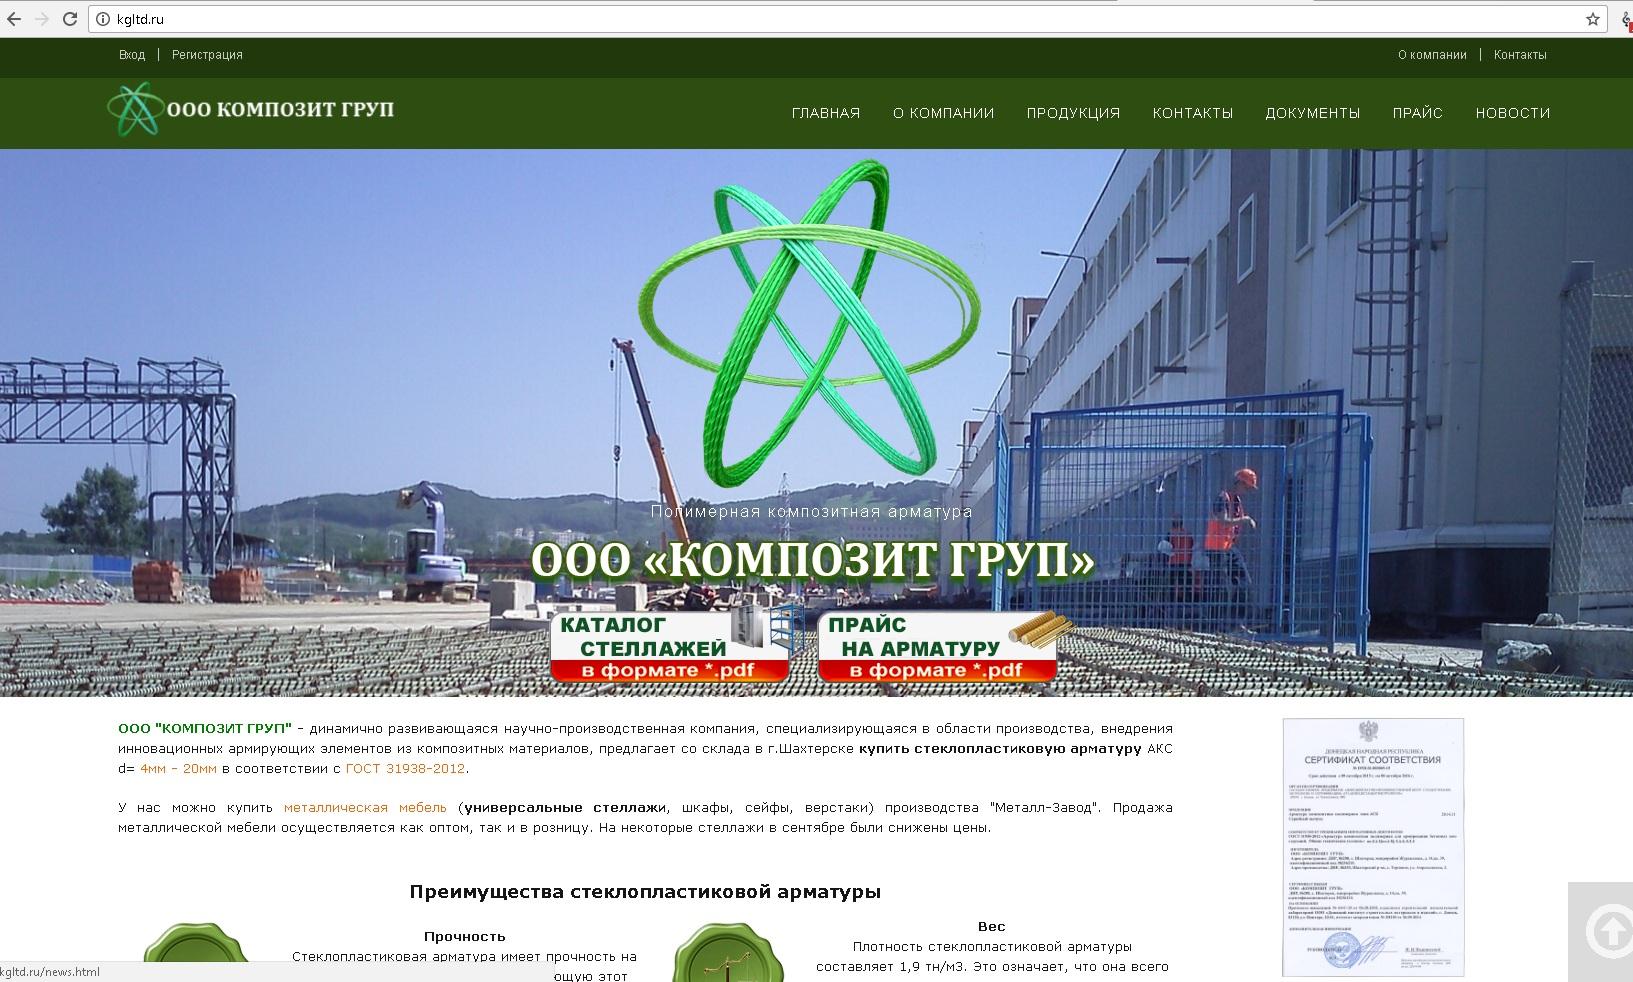 """ООО """"КОМПОЗИТ ГРУП"""" - динамично развивающаяся научно-производственная компания"""